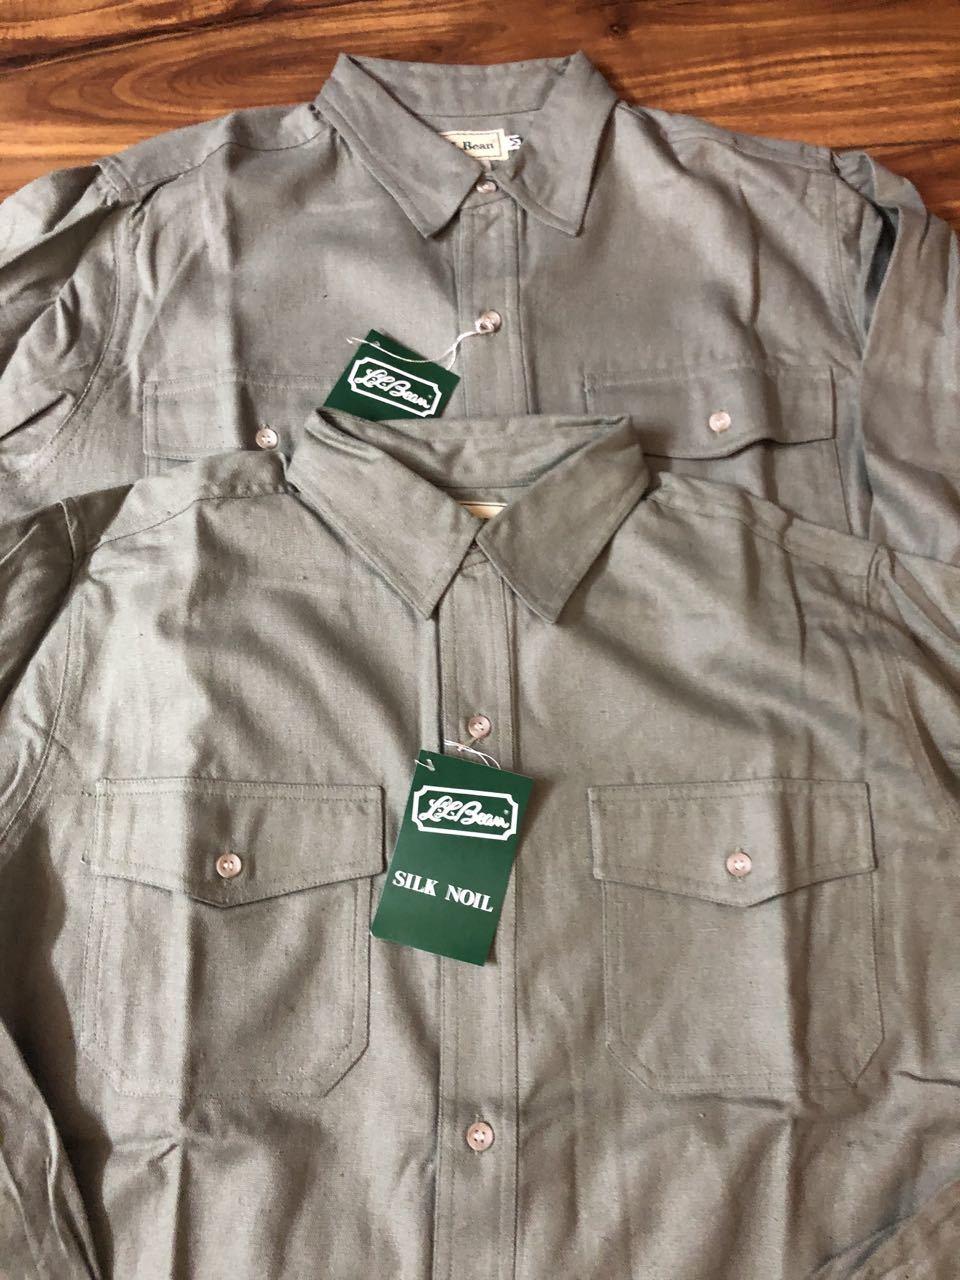 アメリカ仕入れ情報#29 3/14入荷!デッドストック 80s L.L Bean  all silk  シャツ!_c0144020_14082921.jpg